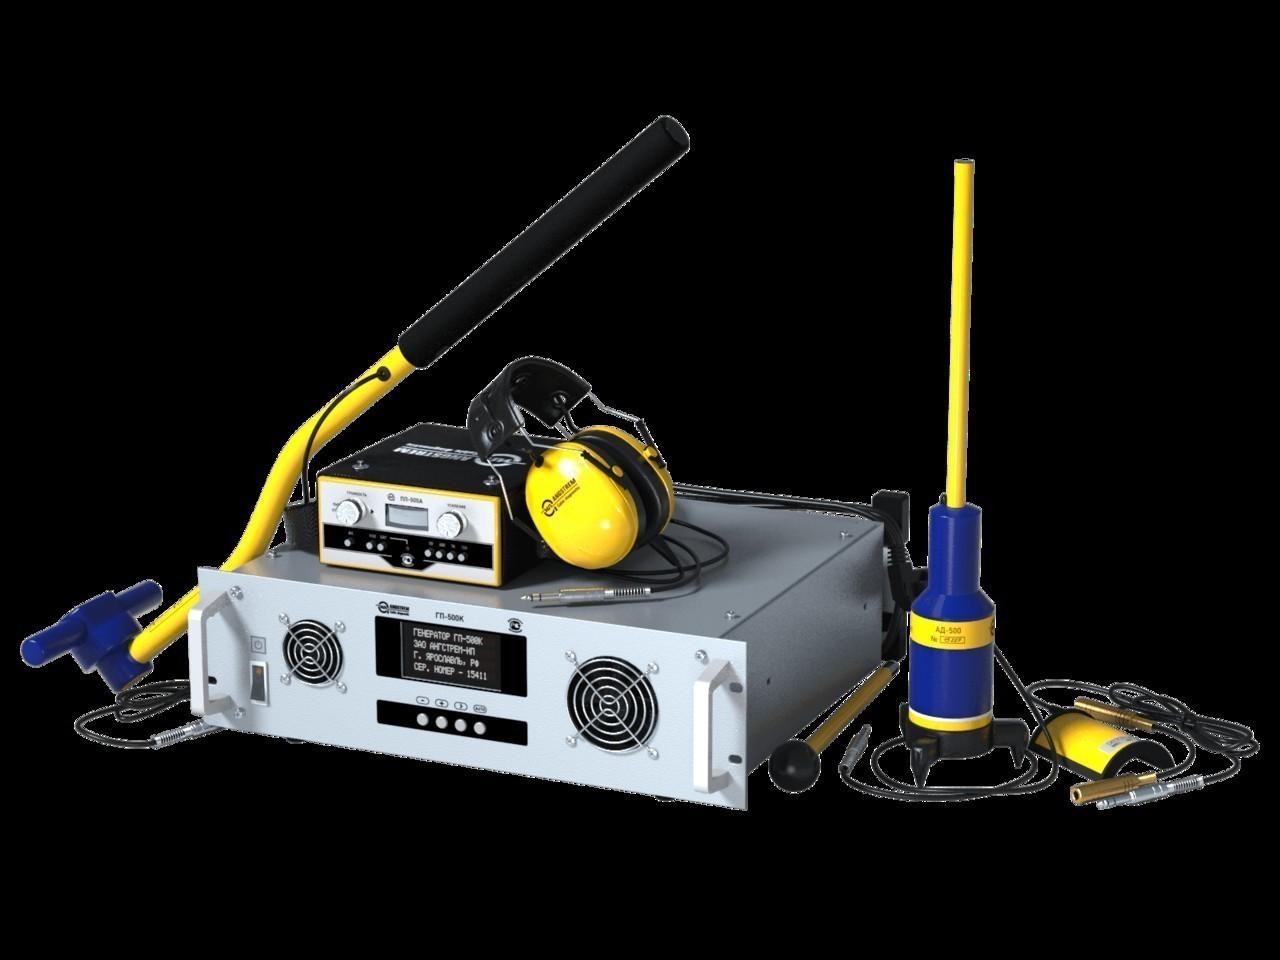 КП-500К - комплект поисковый (исполение 1)